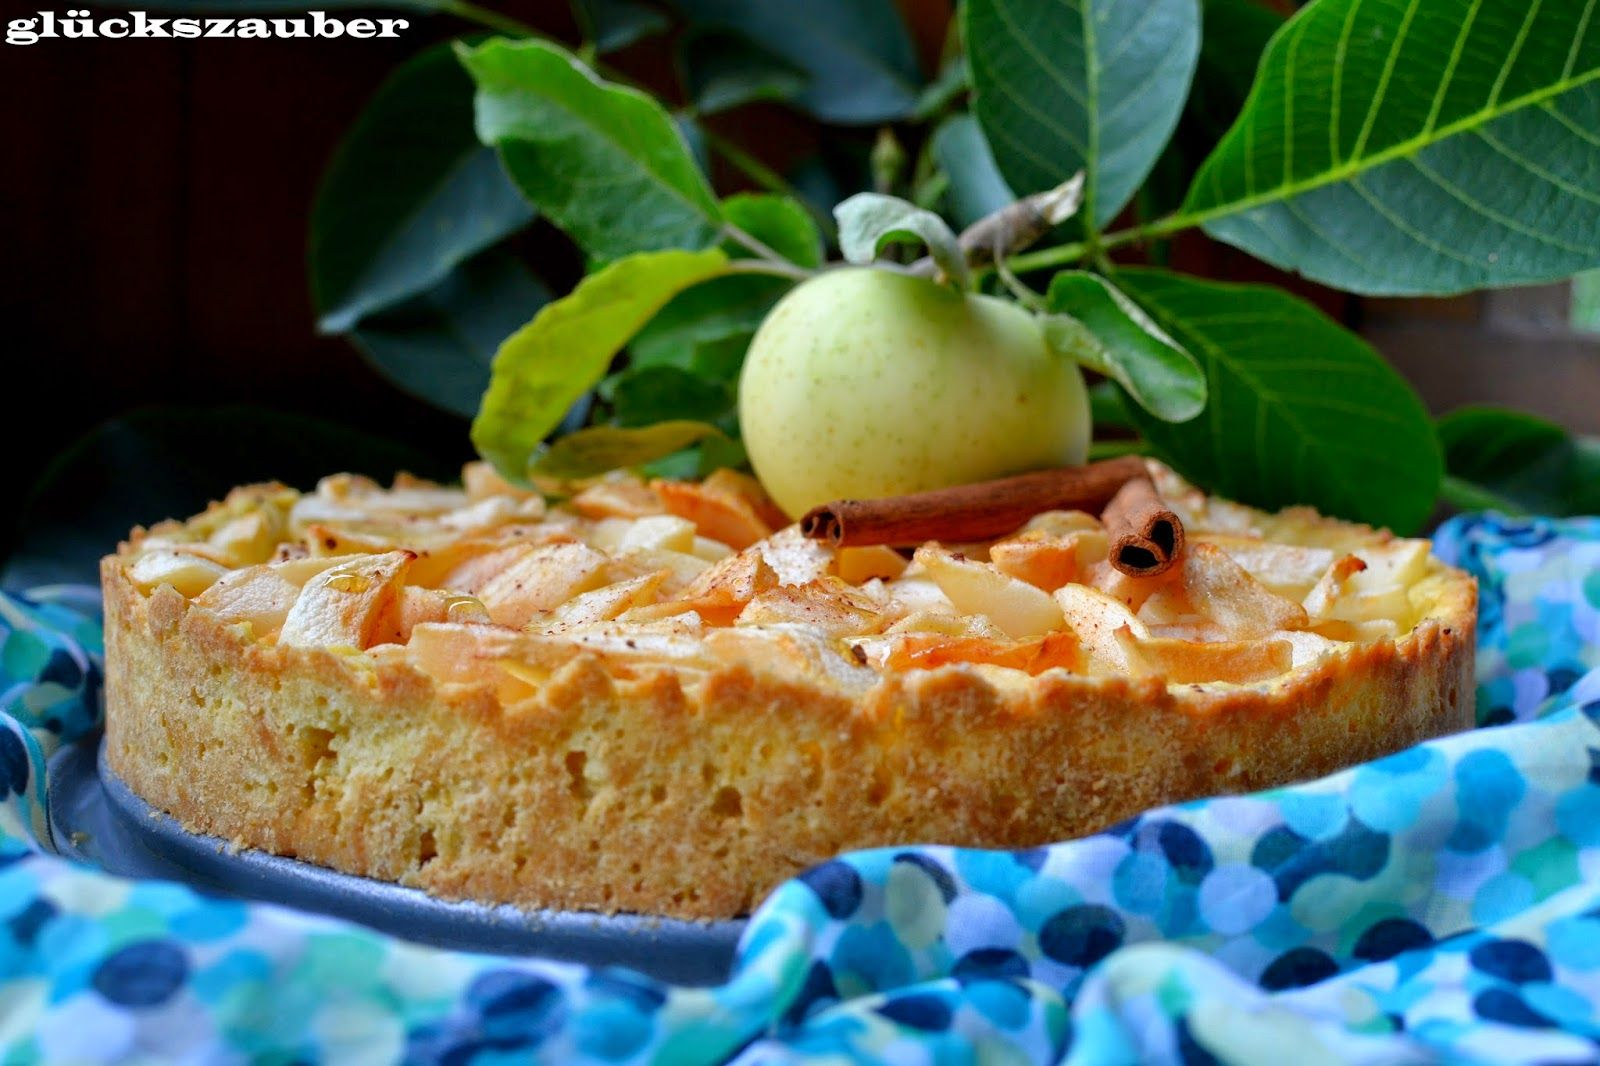 """glückszauber : Vanille-Apfeltarte mit Frühäpfeln und """"Termin-Ausflüge"""" #ichbacksmir #sommerrezept"""